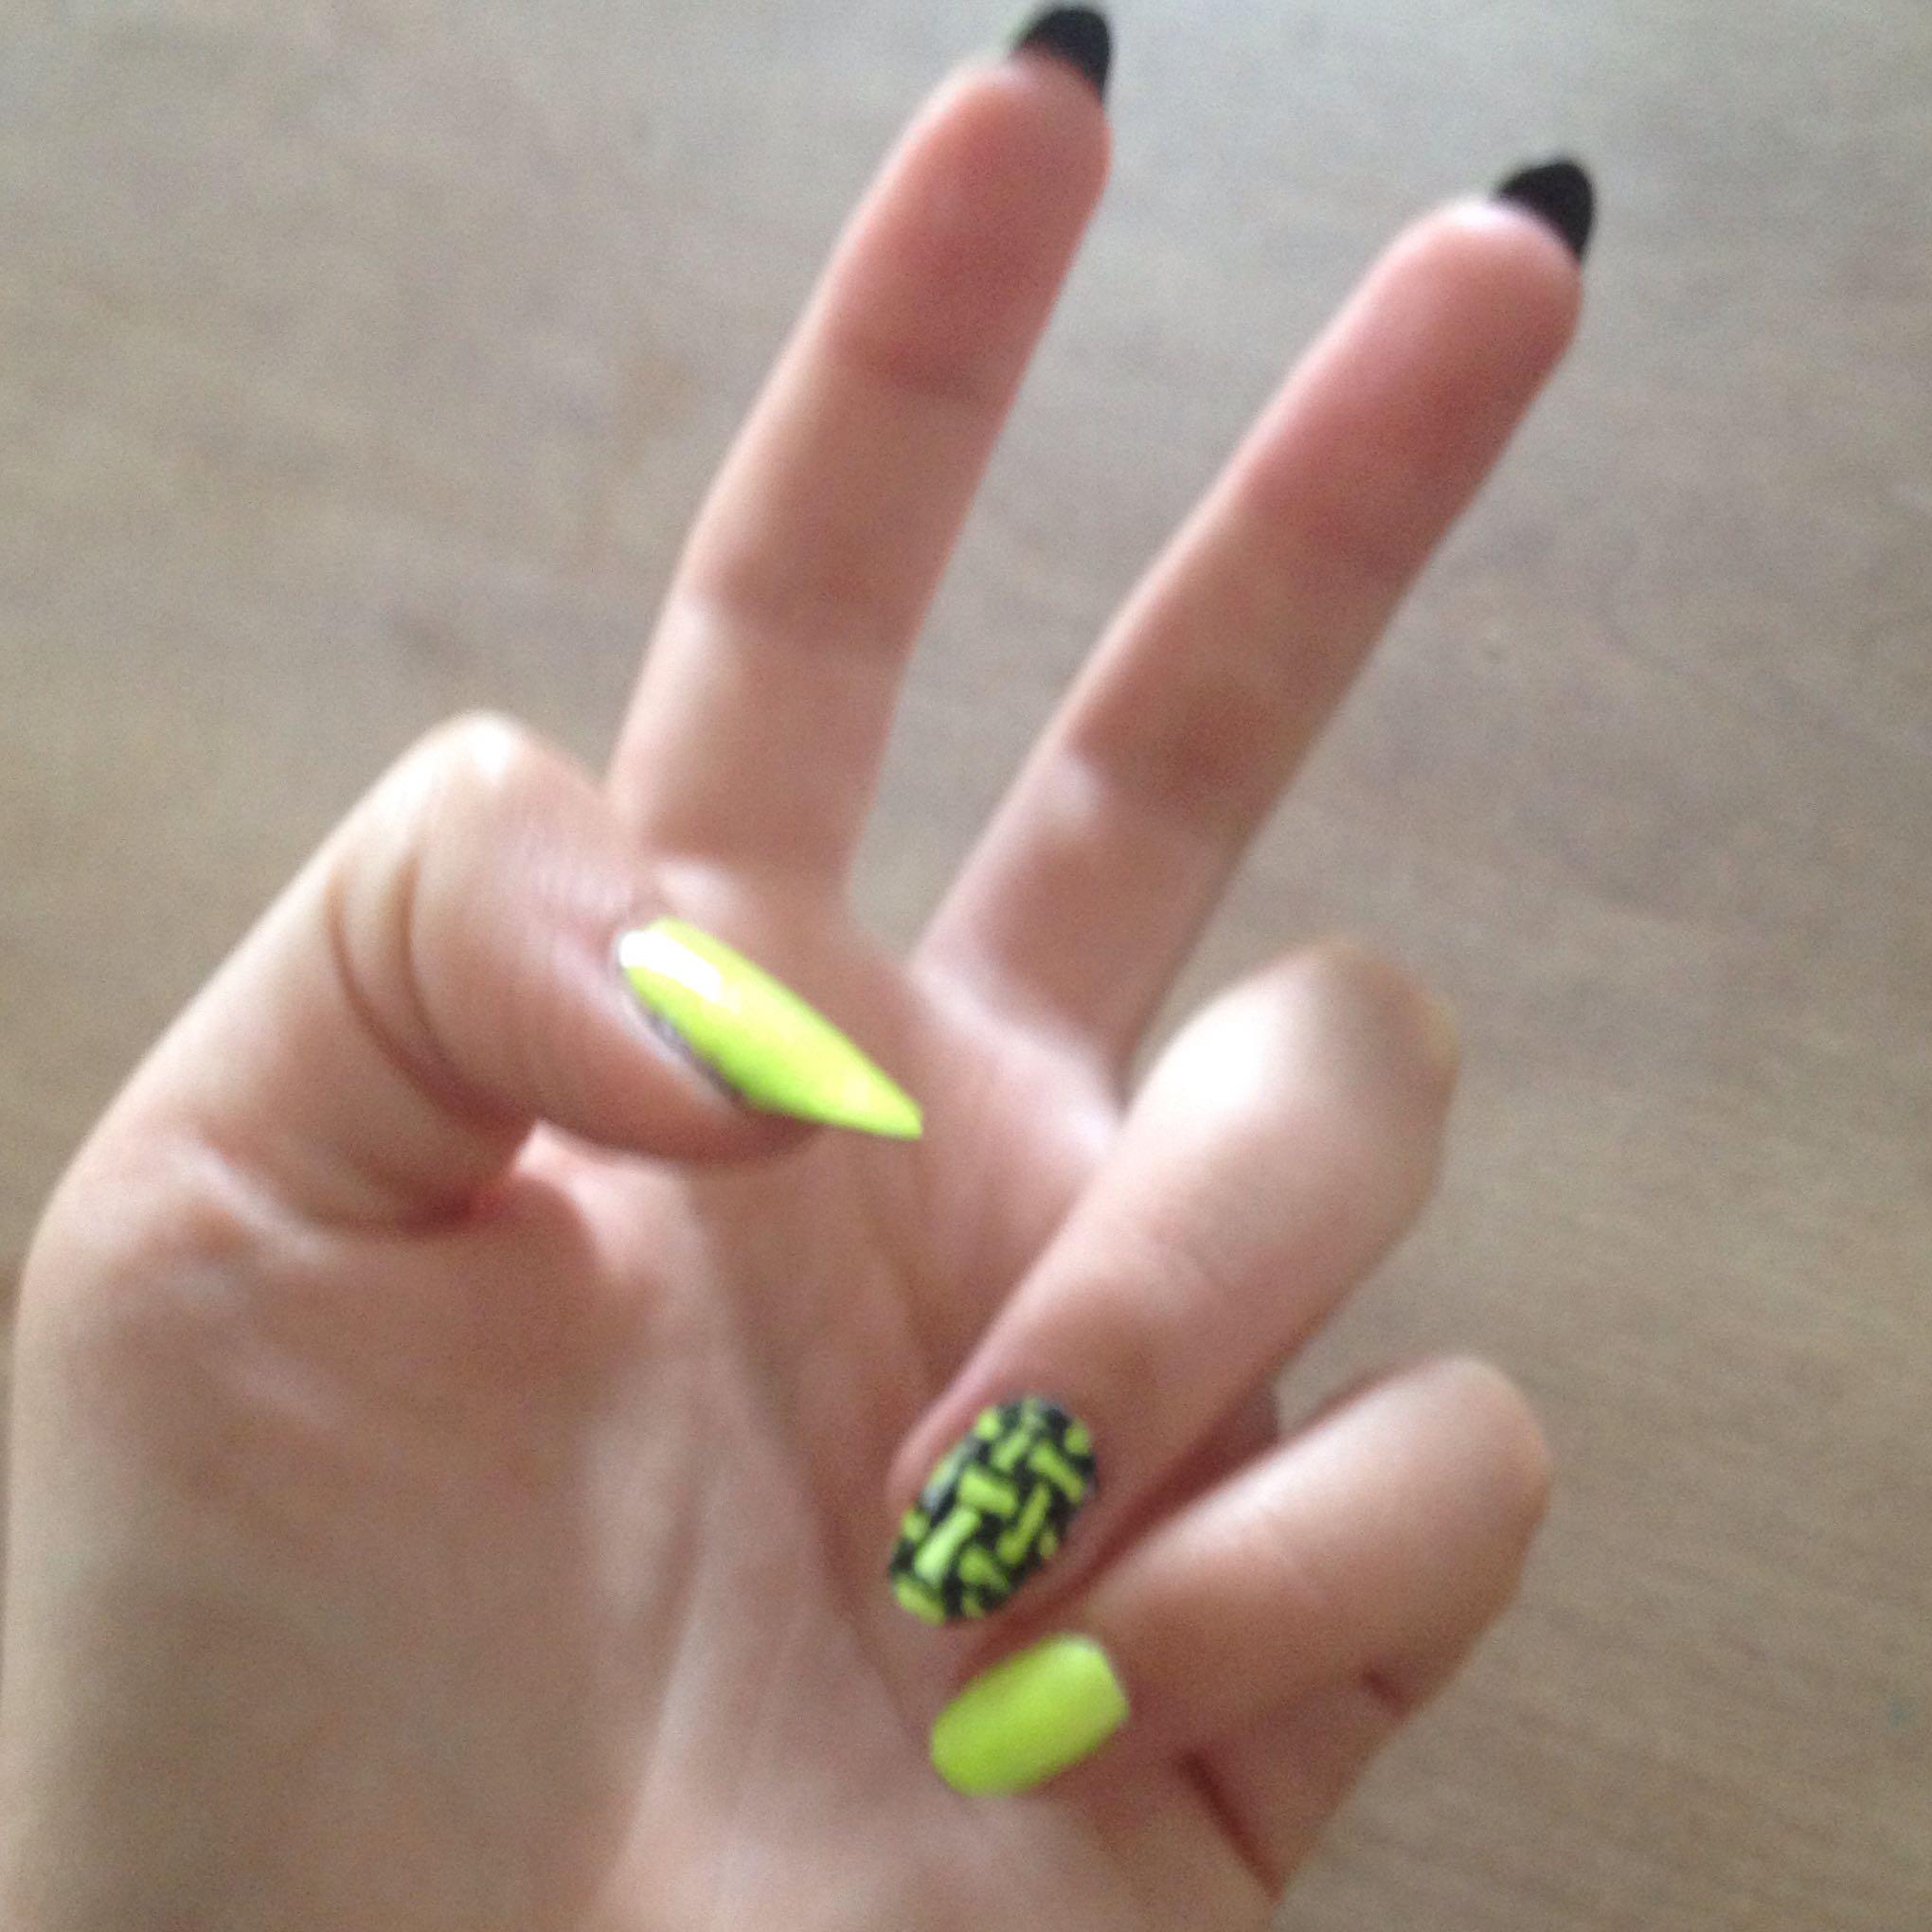 Wie Heisst Dieser Nagel-look? (Nu00e4gel Nagellack Nail Art)